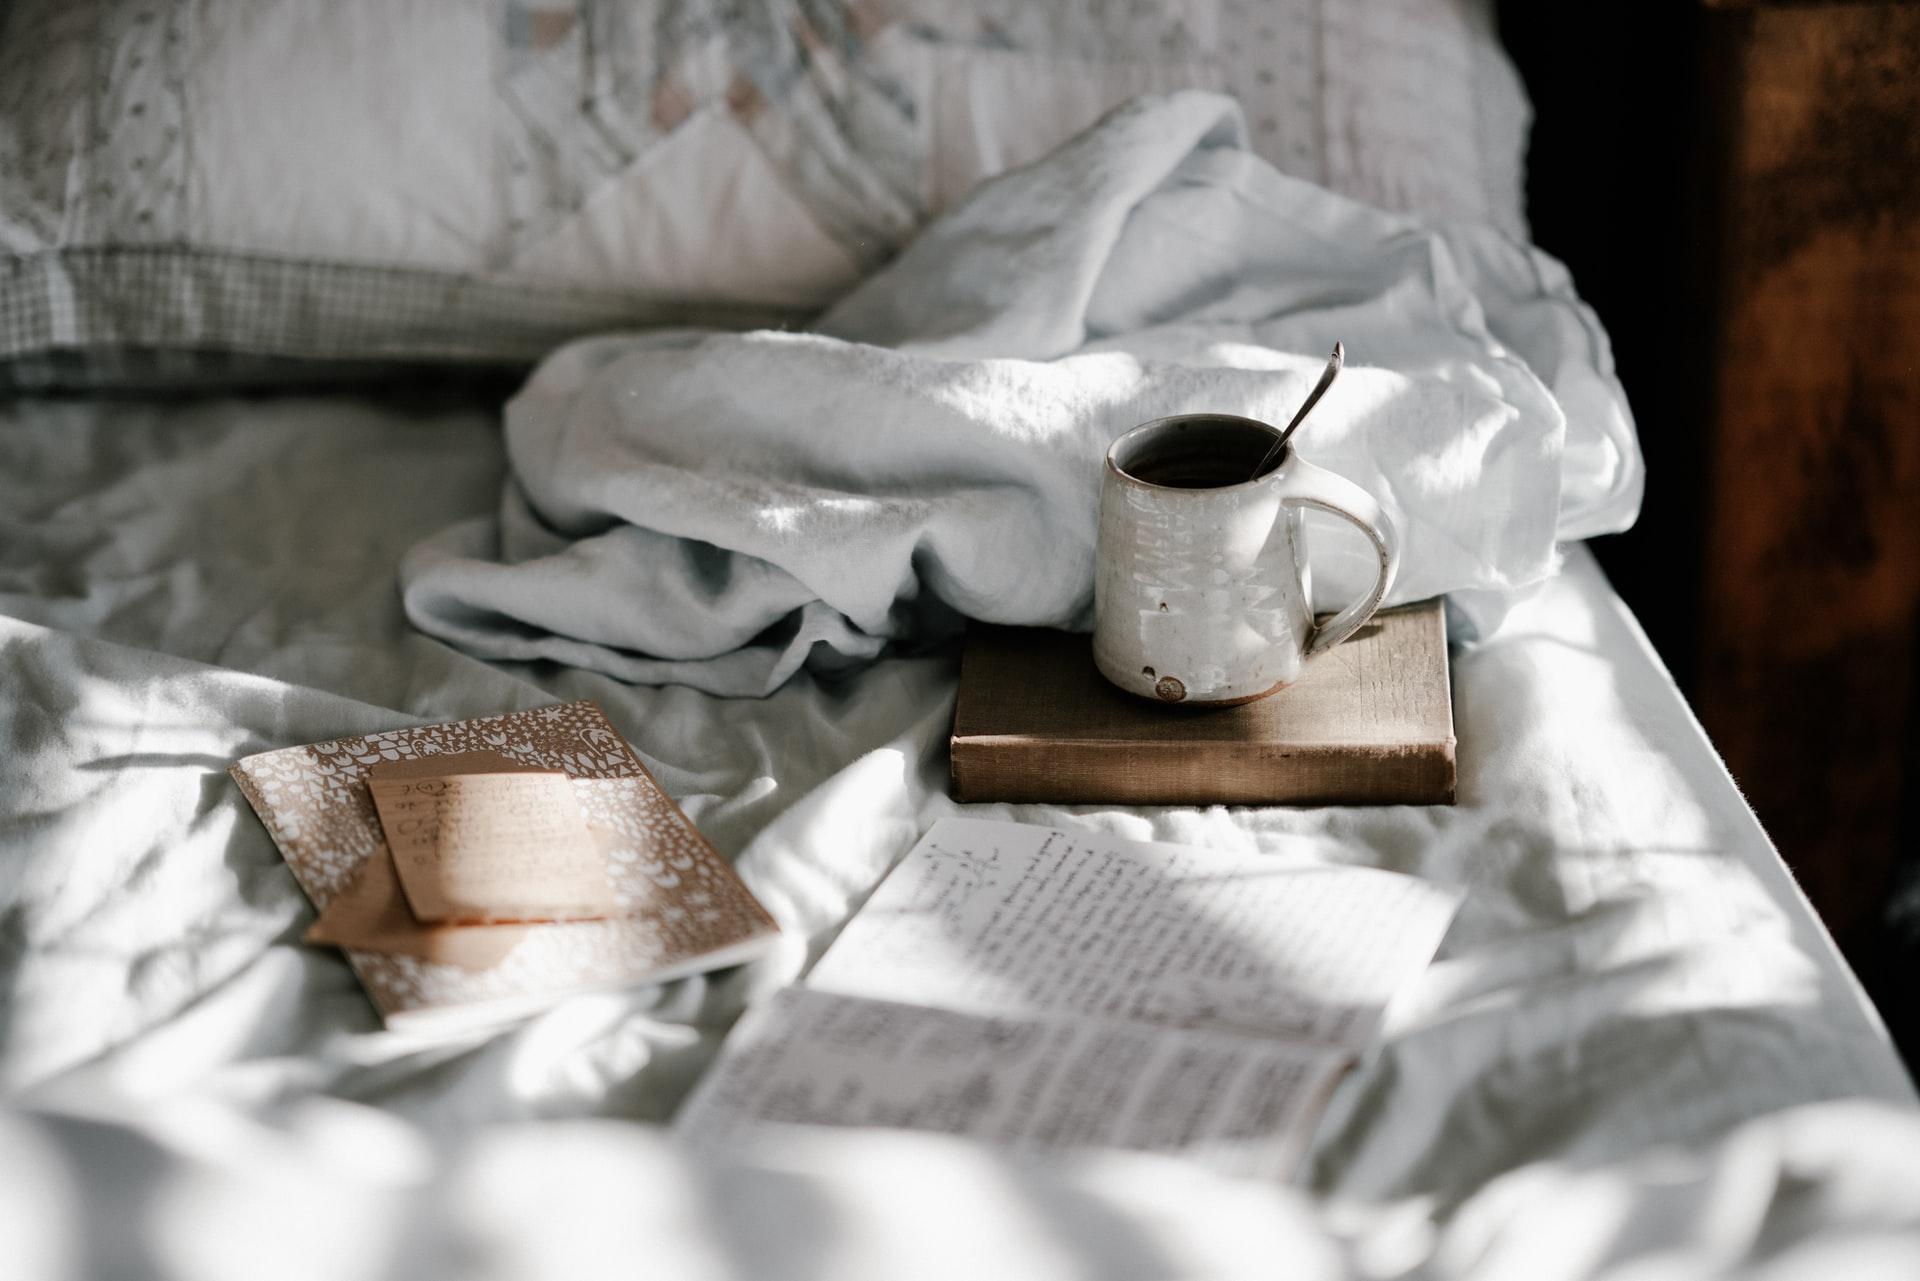 cama com tabuleiro e chávena de café